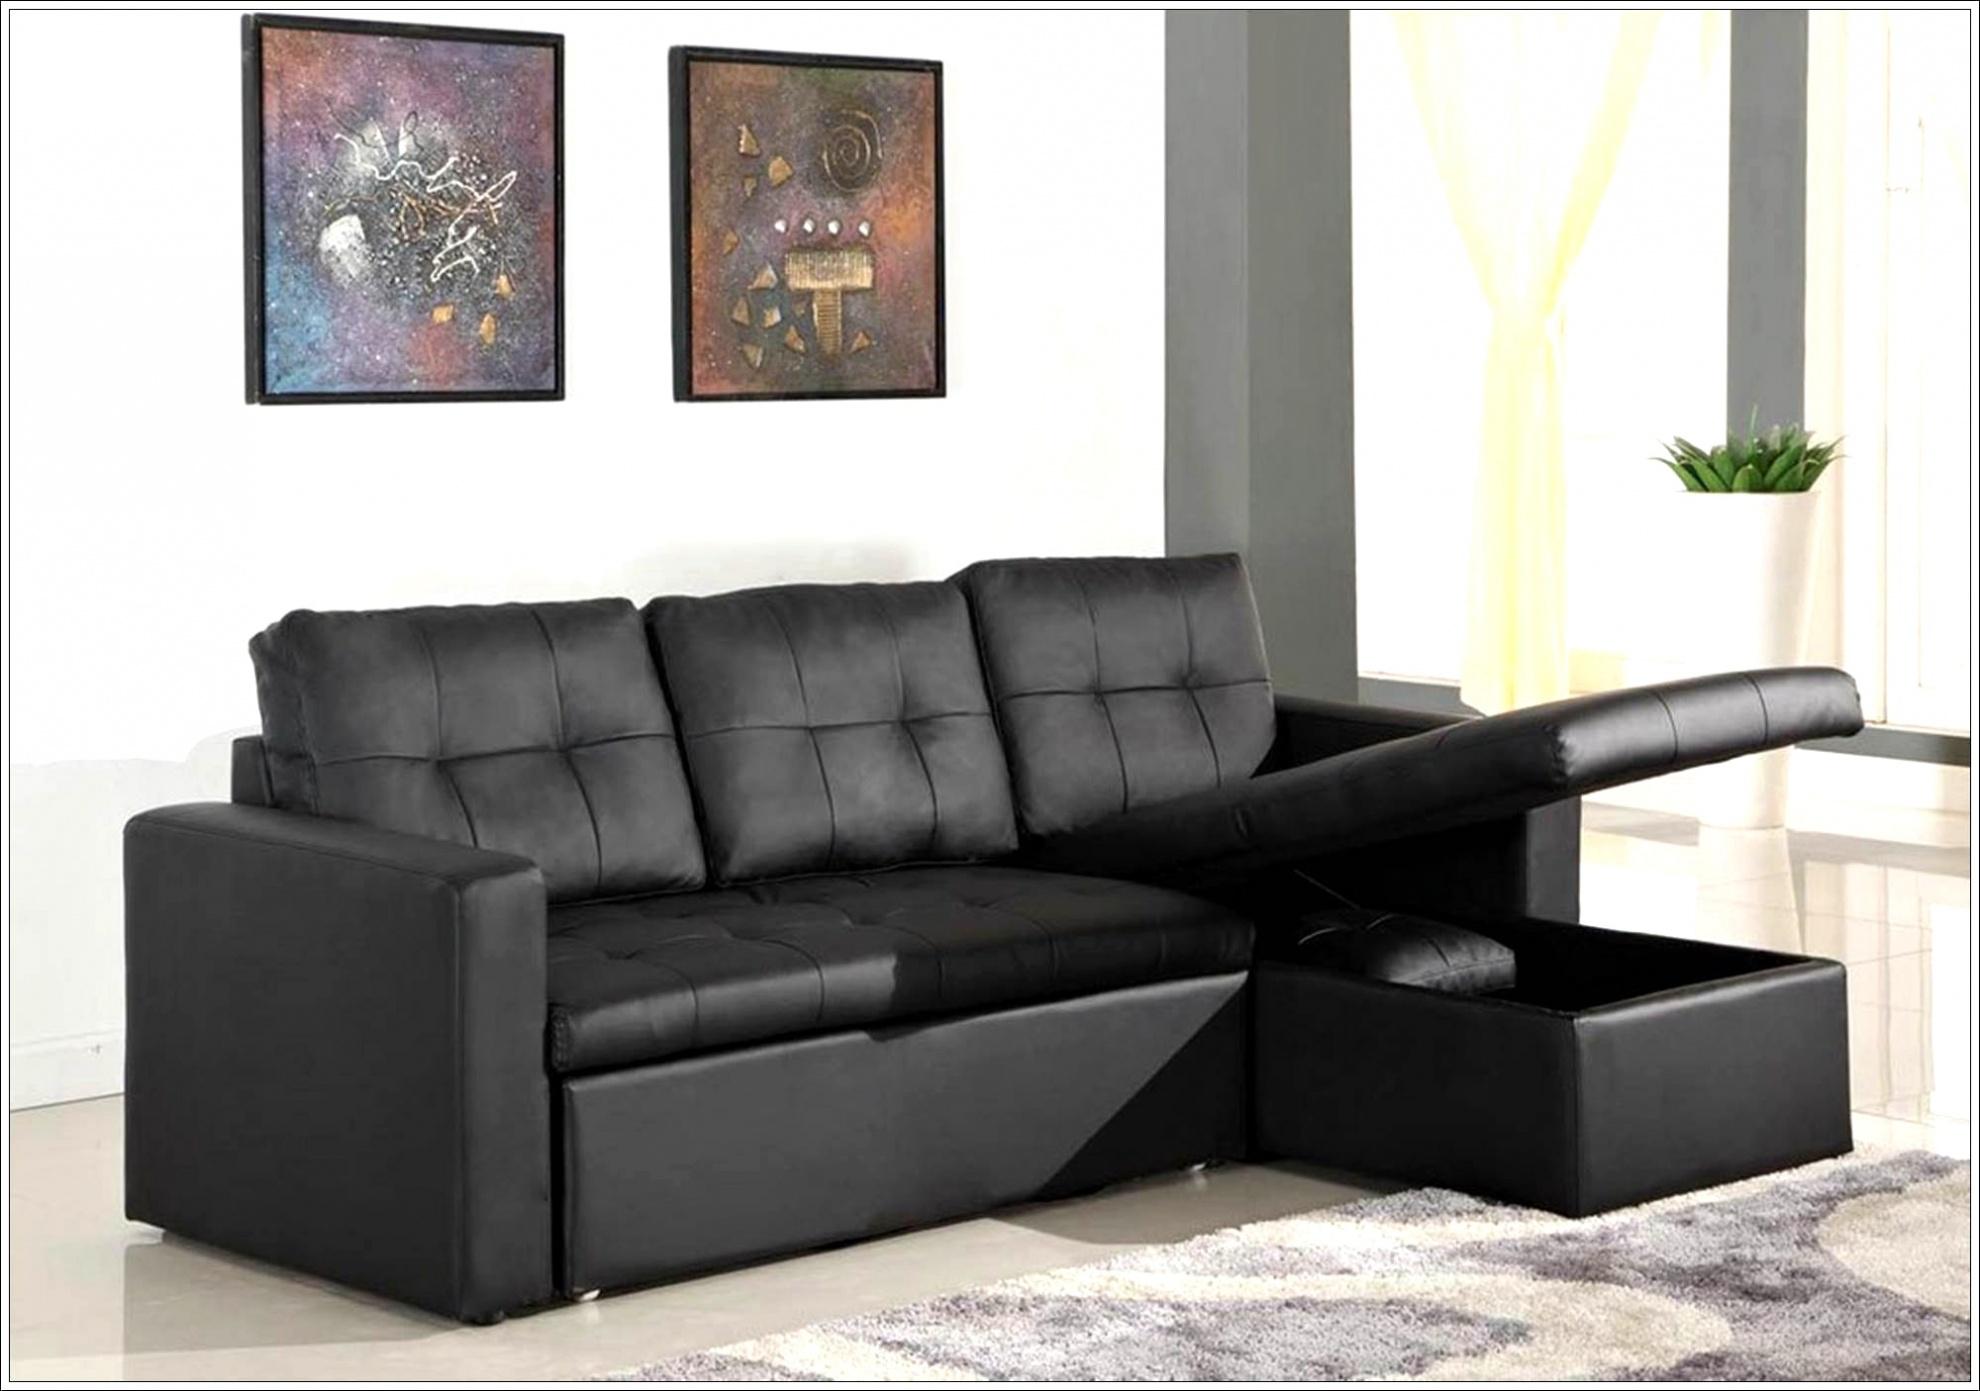 Canapé Friheten Ikea Unique Image Maha De Canapé Gris Foncé Mahagranda De Home